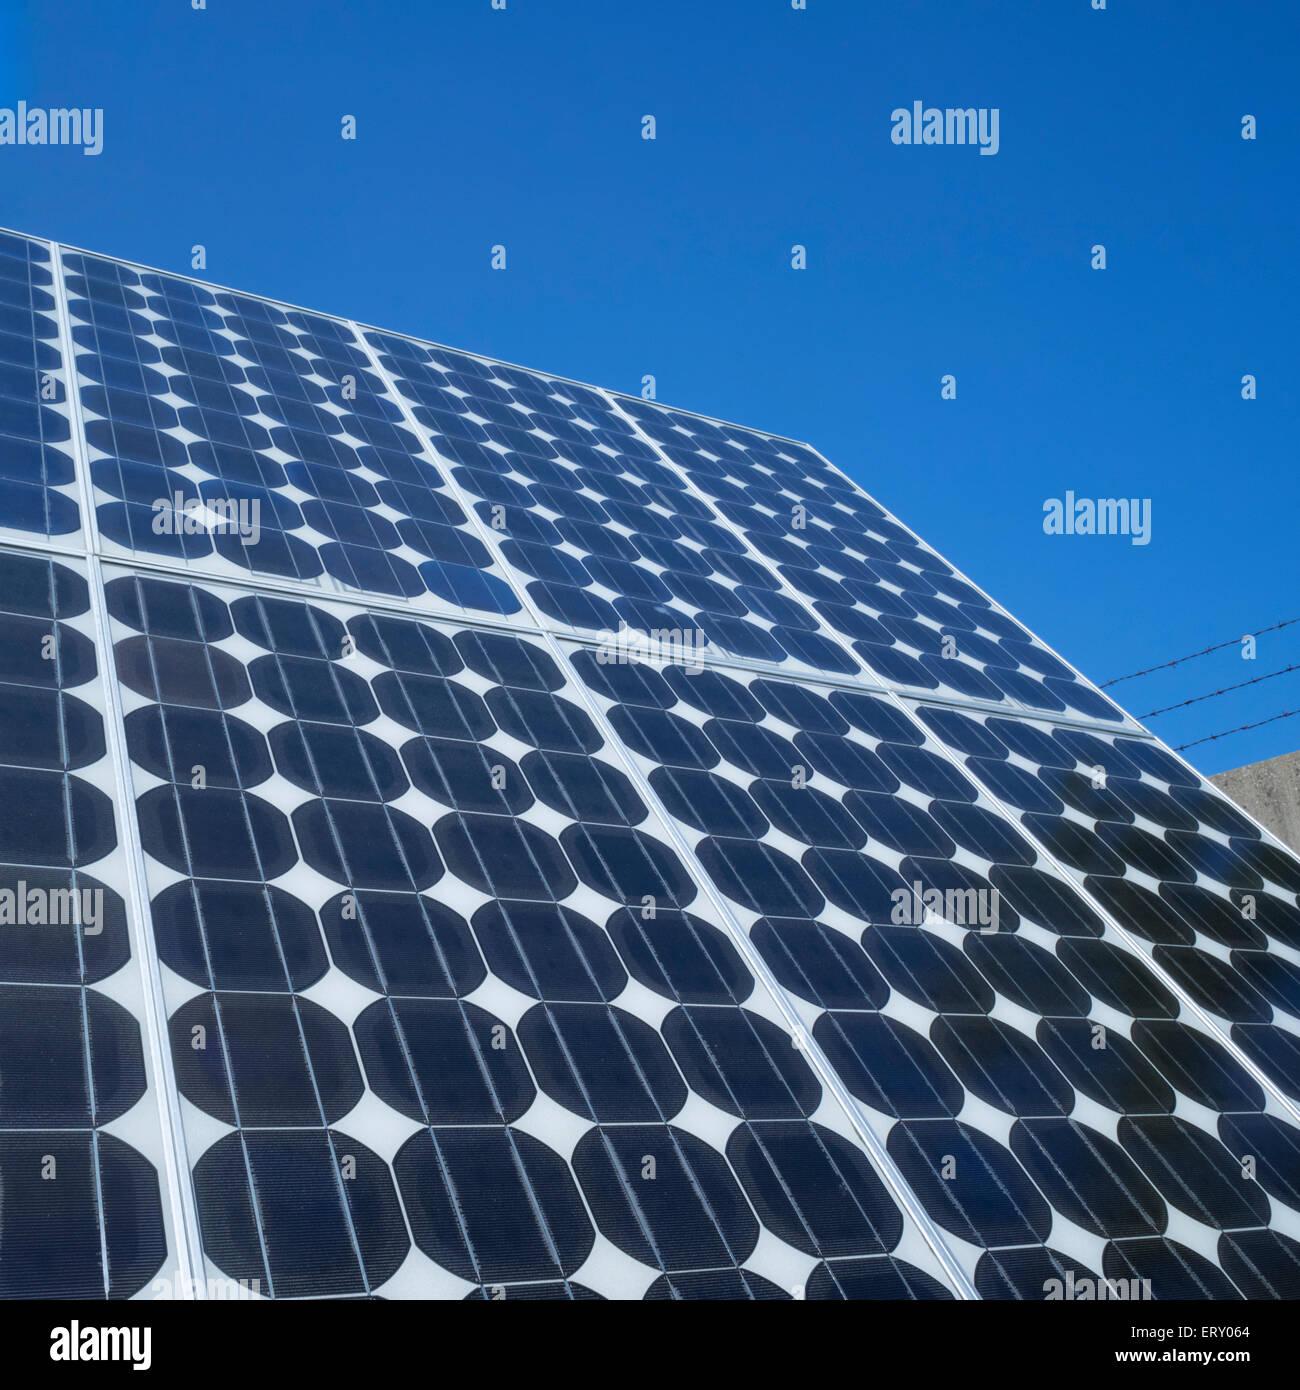 Panel solar células fotovoltaicas array cerrar espacio copia azul cielo limpio de energía renovable fuente Imagen De Stock